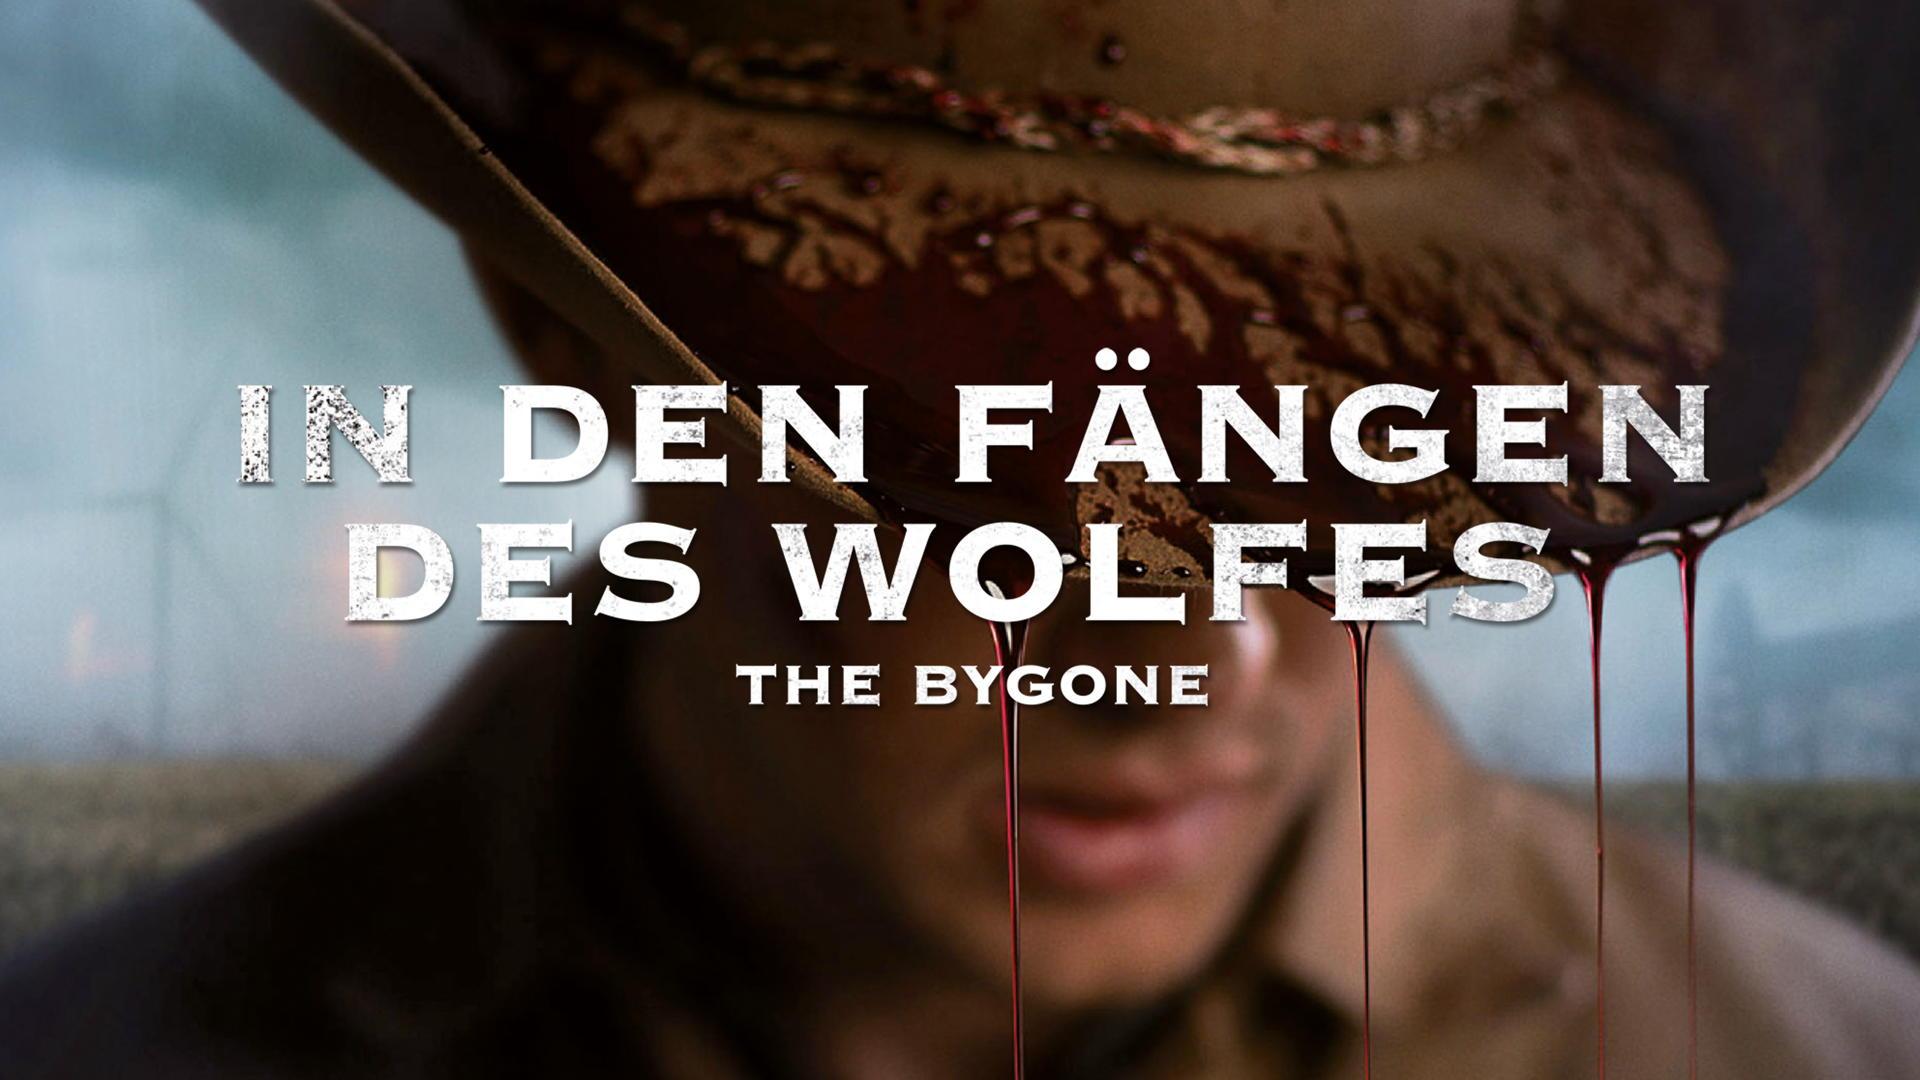 In den Fängen des Wolfes: The Bygone